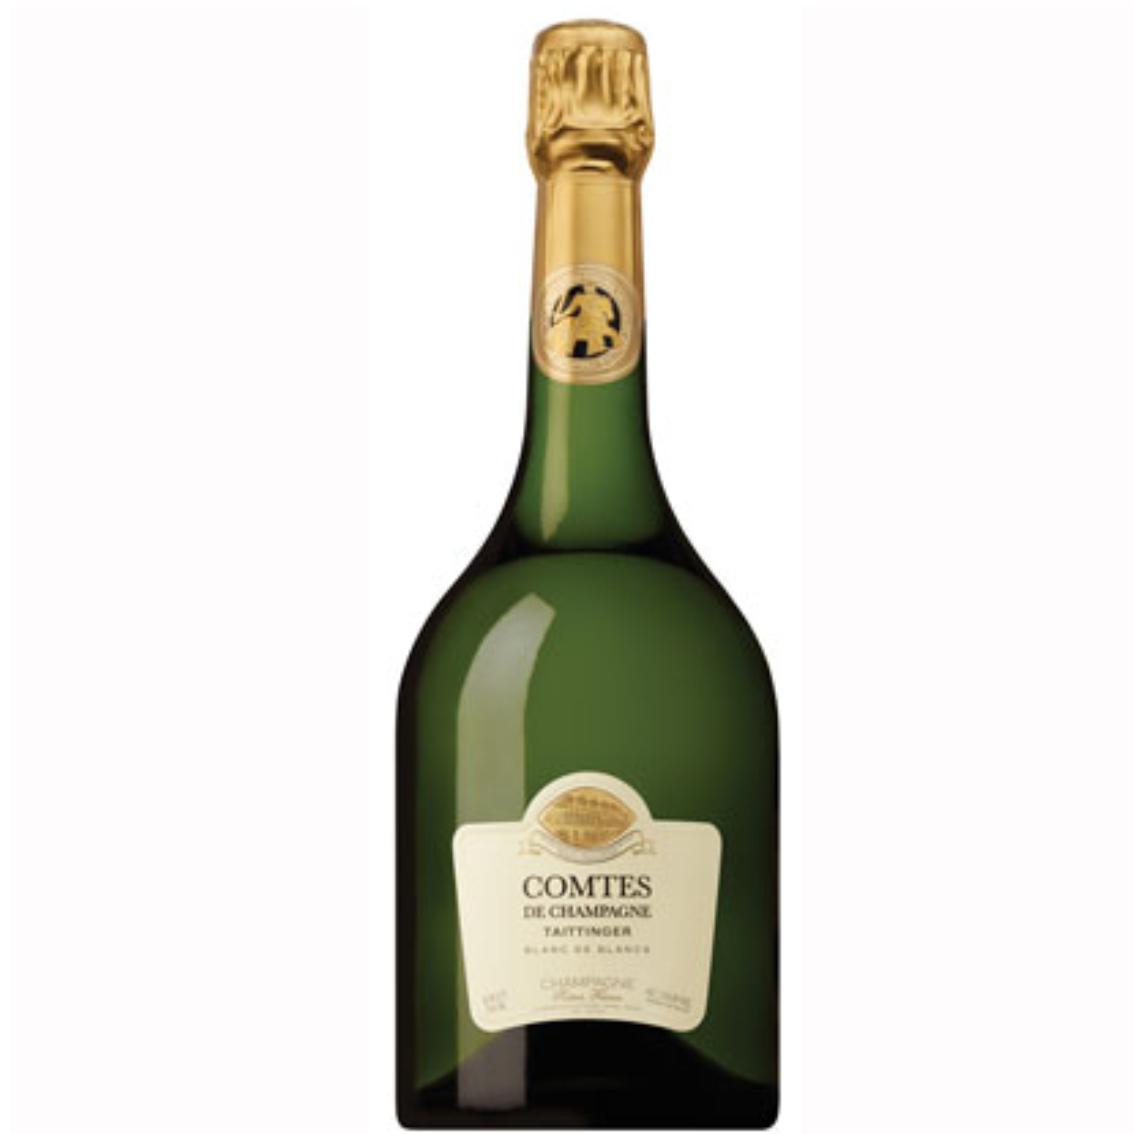 METHUSALEM (6 l.) 2008 Comtes de Champagne Grand Cru Blanc de Blancs- Taittinger *